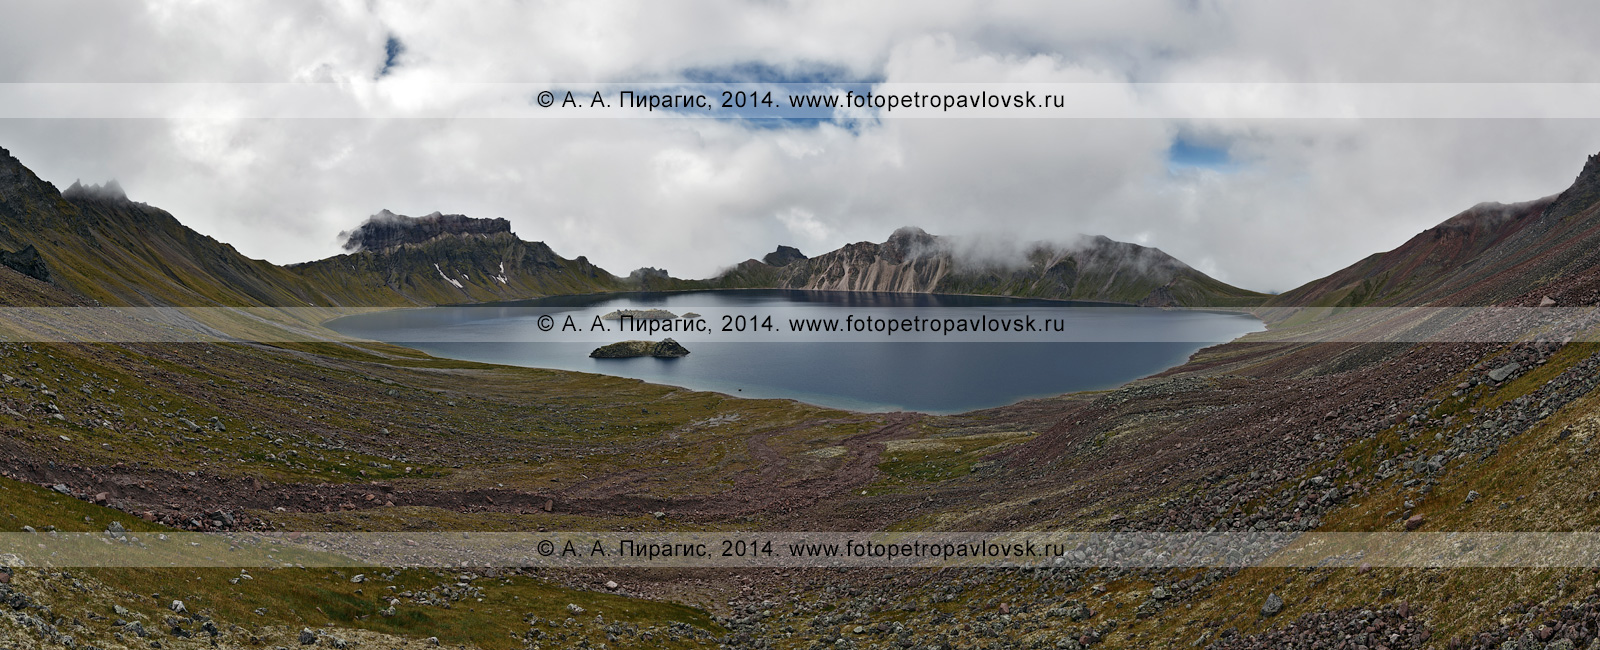 Фотография: озеро Хангар (озеро Кожгумк) в кратере действующего вулкана Хангар (Khangar Volcano). Полуостров Камчатка, Срединный хребет, Срединный вулканический пояс